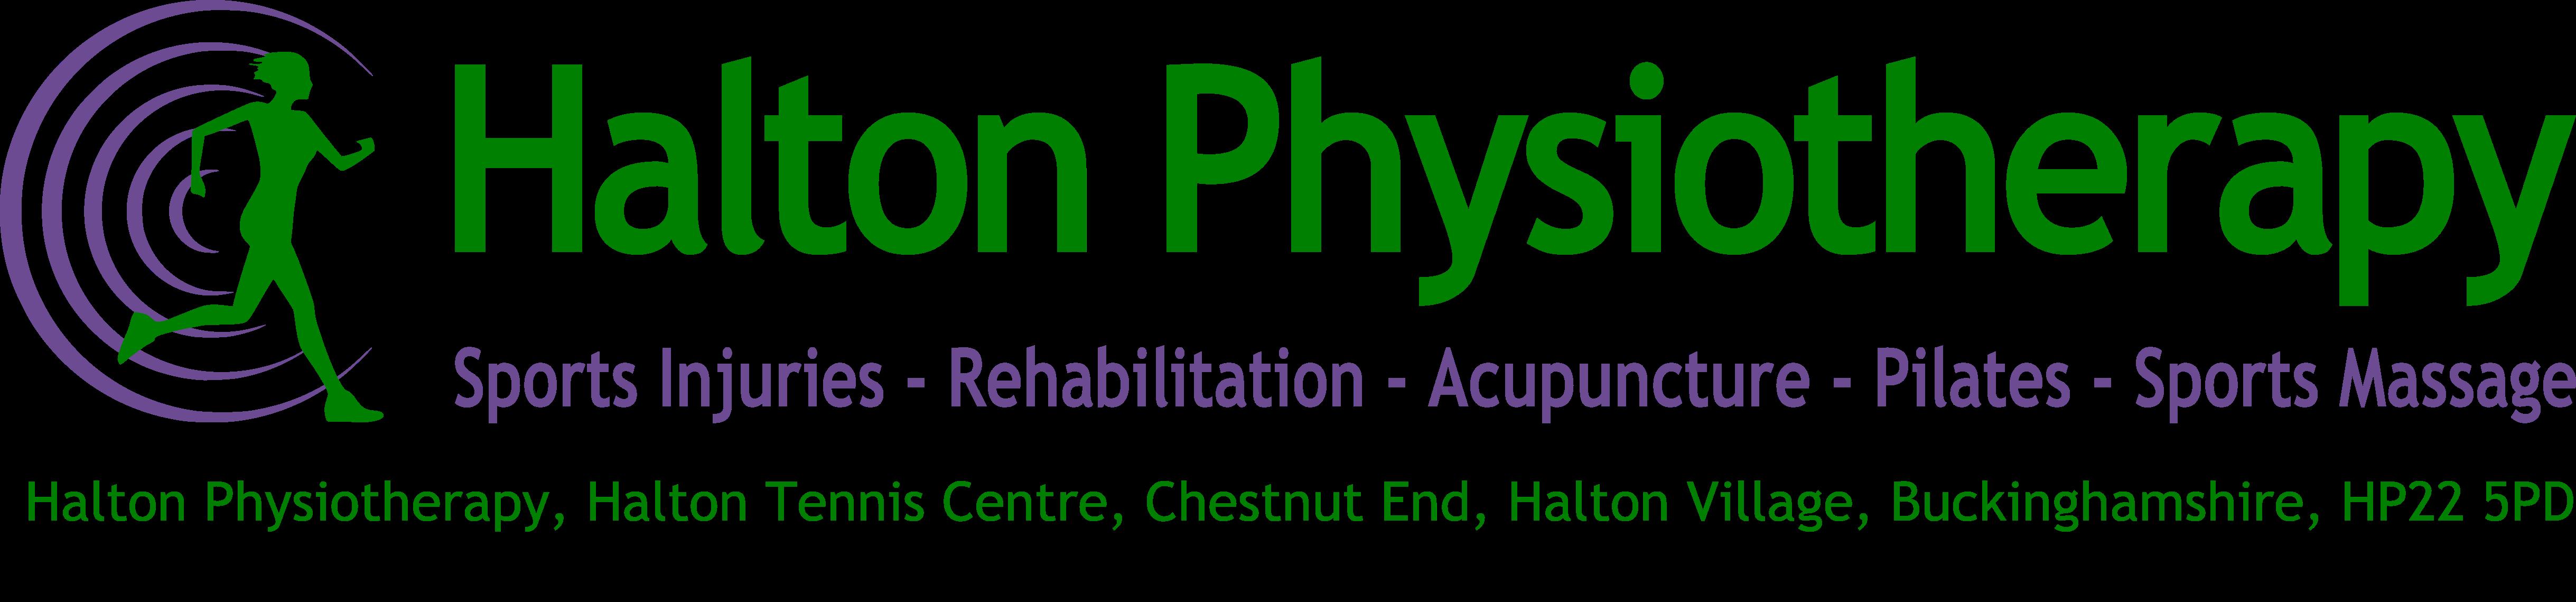 Halton Physiotherapy company logo